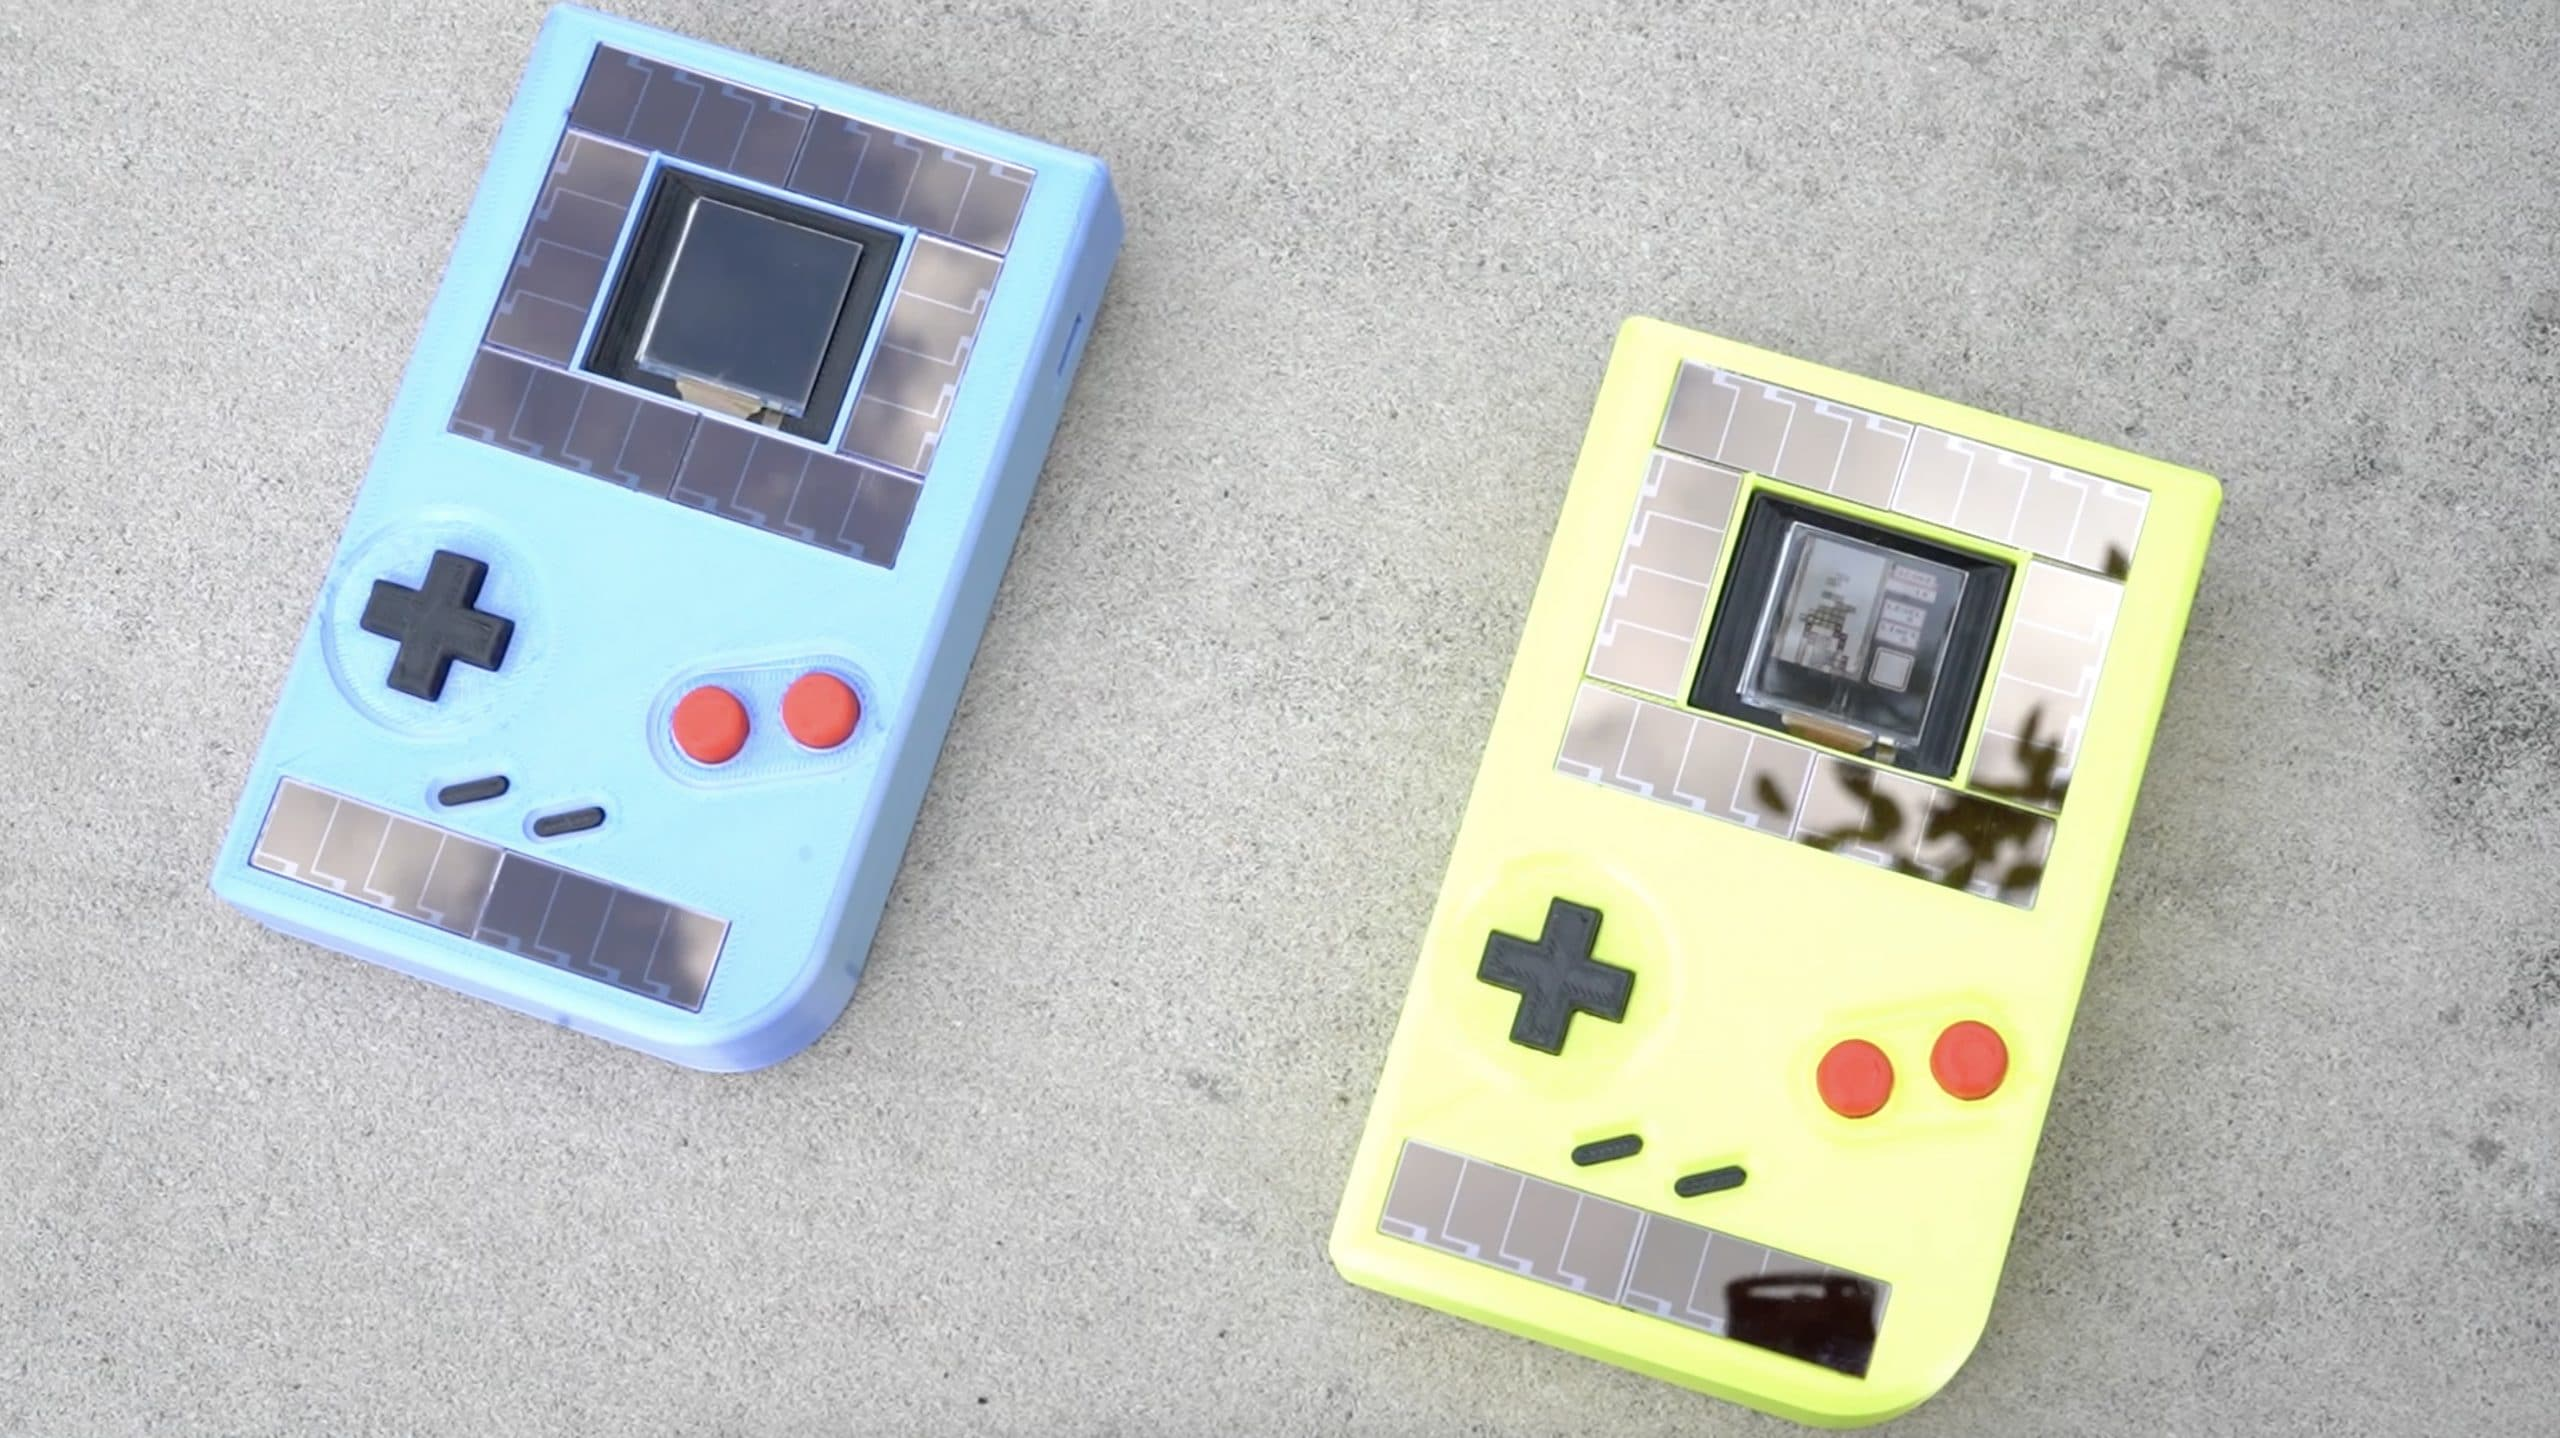 Nicht schön, aber diese Gameboys benötigen keine Batterien. (Foto: Northwestern University)